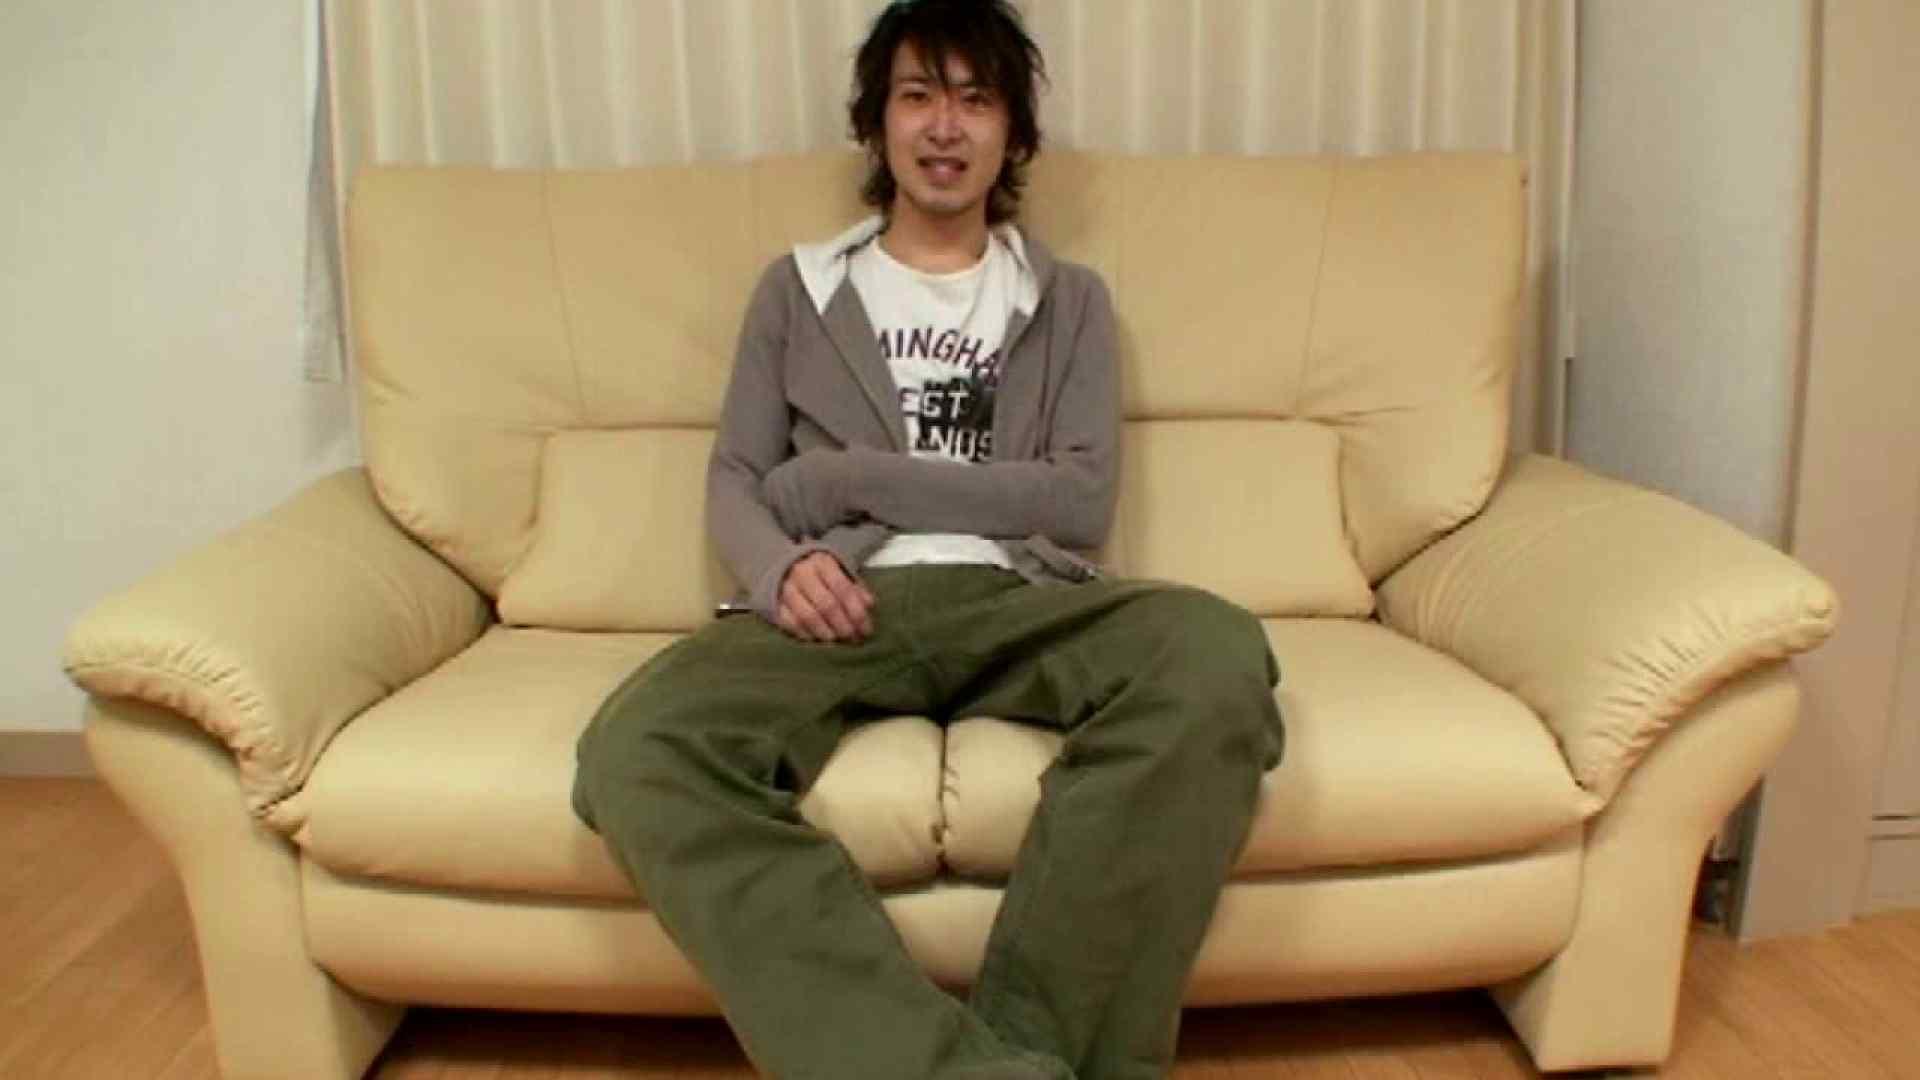 ノンケ!自慰スタジオ No.21 仰天アナル ゲイフリーエロ画像 107pic 43